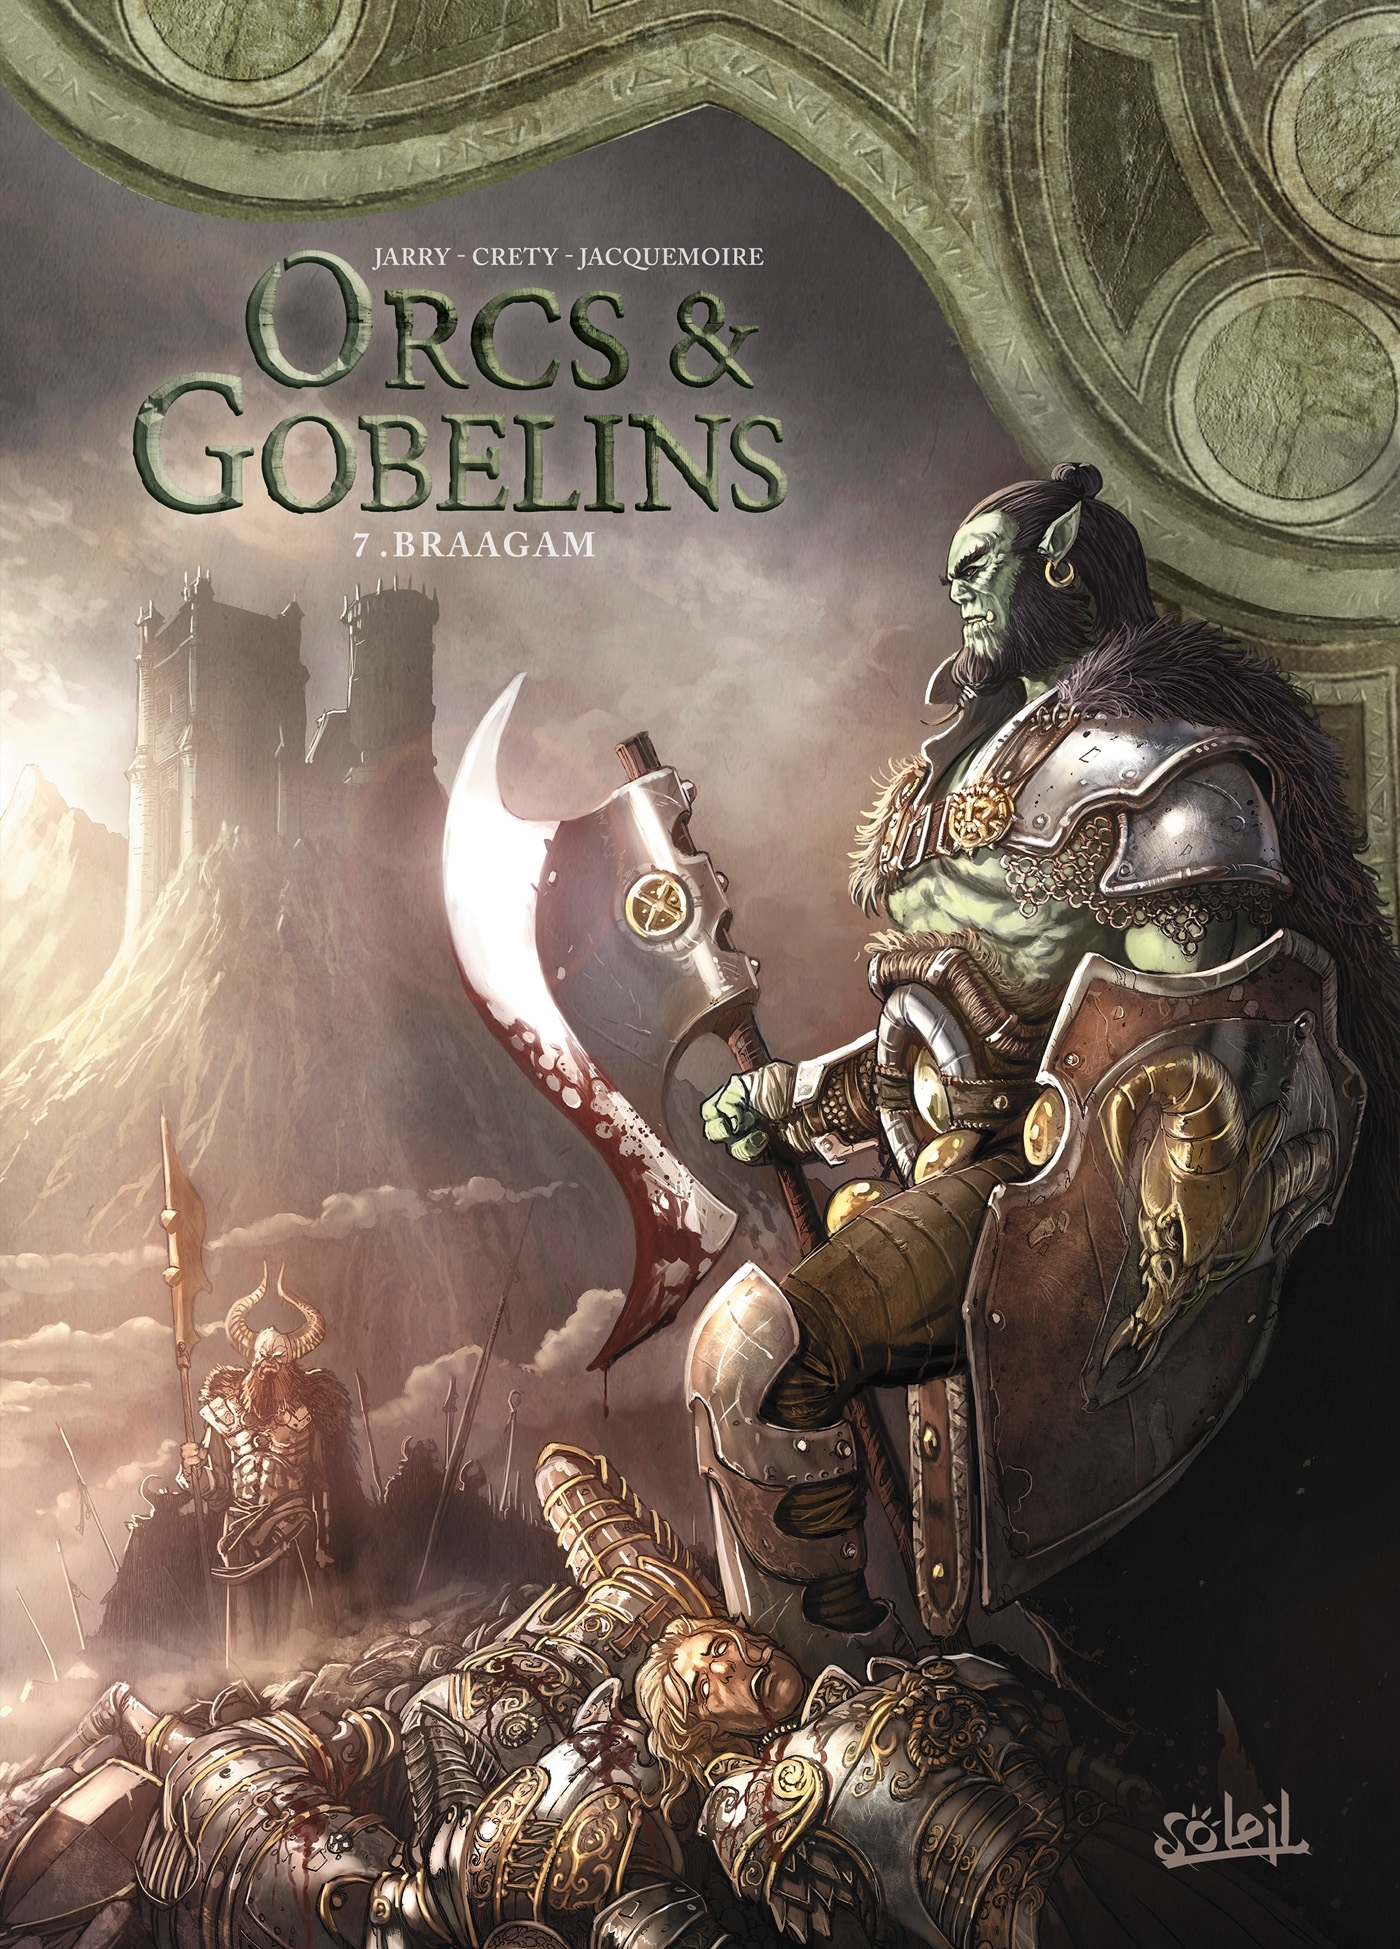 ORCS ET GOBELINS - T07 - ORCS & GOBELINS 07 - BRAAGAM